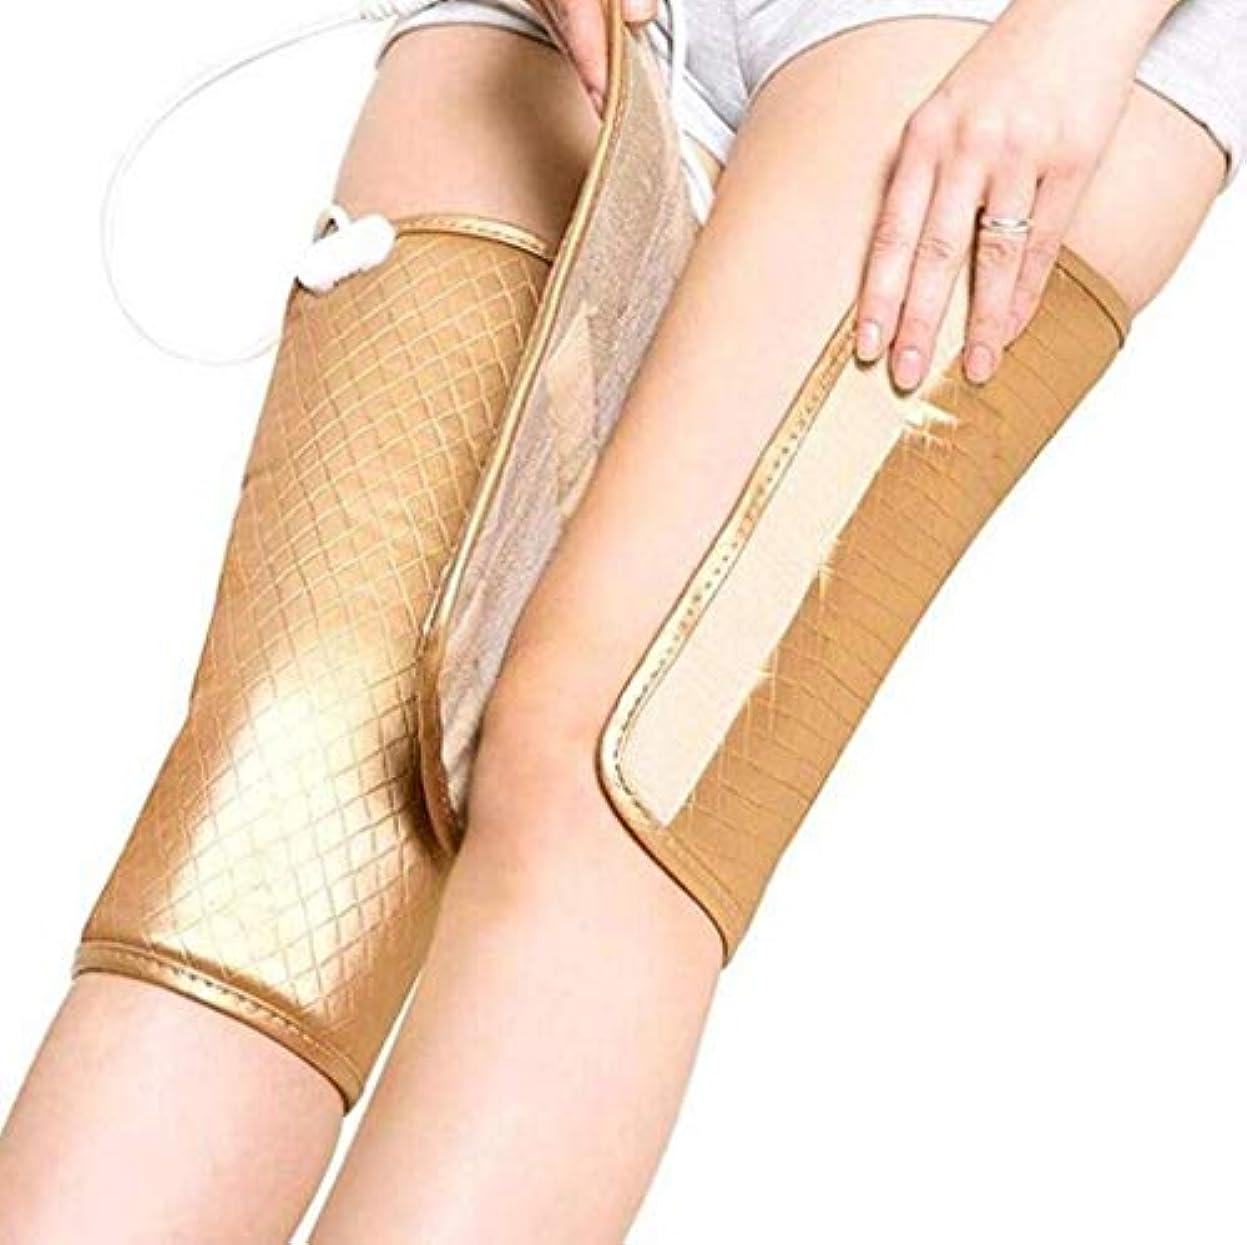 ホップ電気陽性東ティモール電動膝パッド、脚マッサージャー、脚理学療法加熱、血液循環を促進する筋肉の弛緩、暖かさ、在宅運動